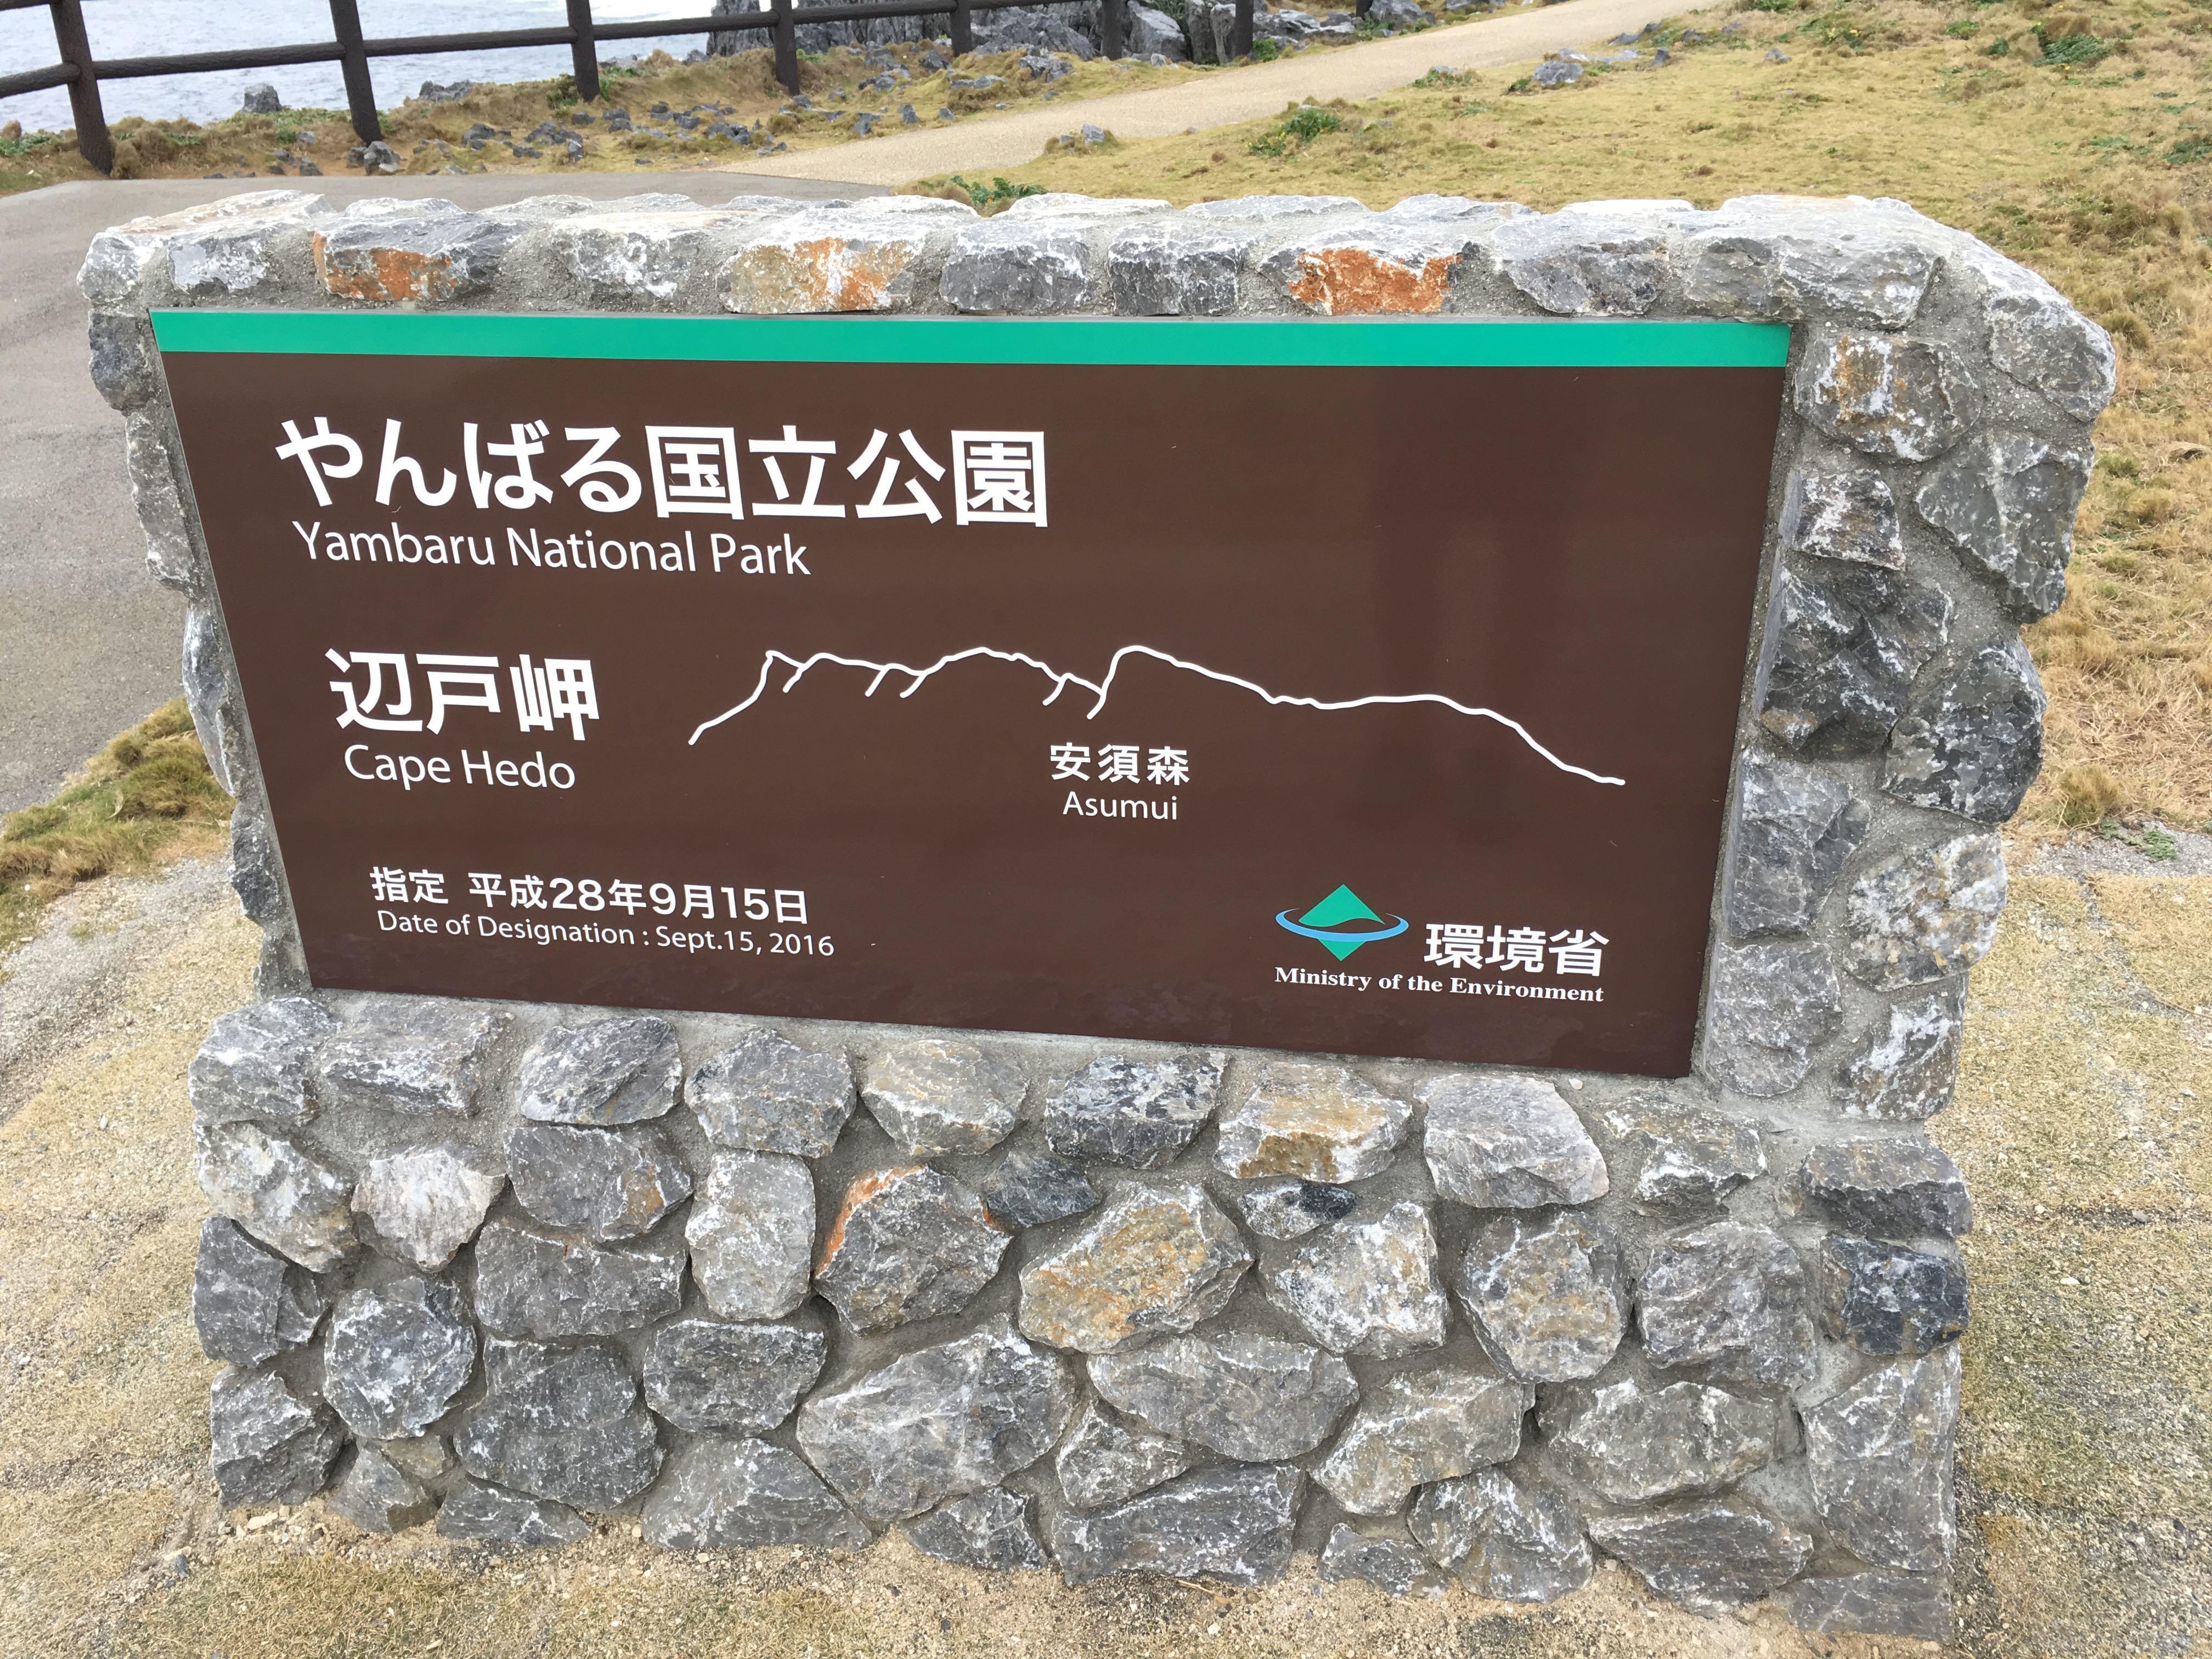 20170222辺戸岬国立公園認定